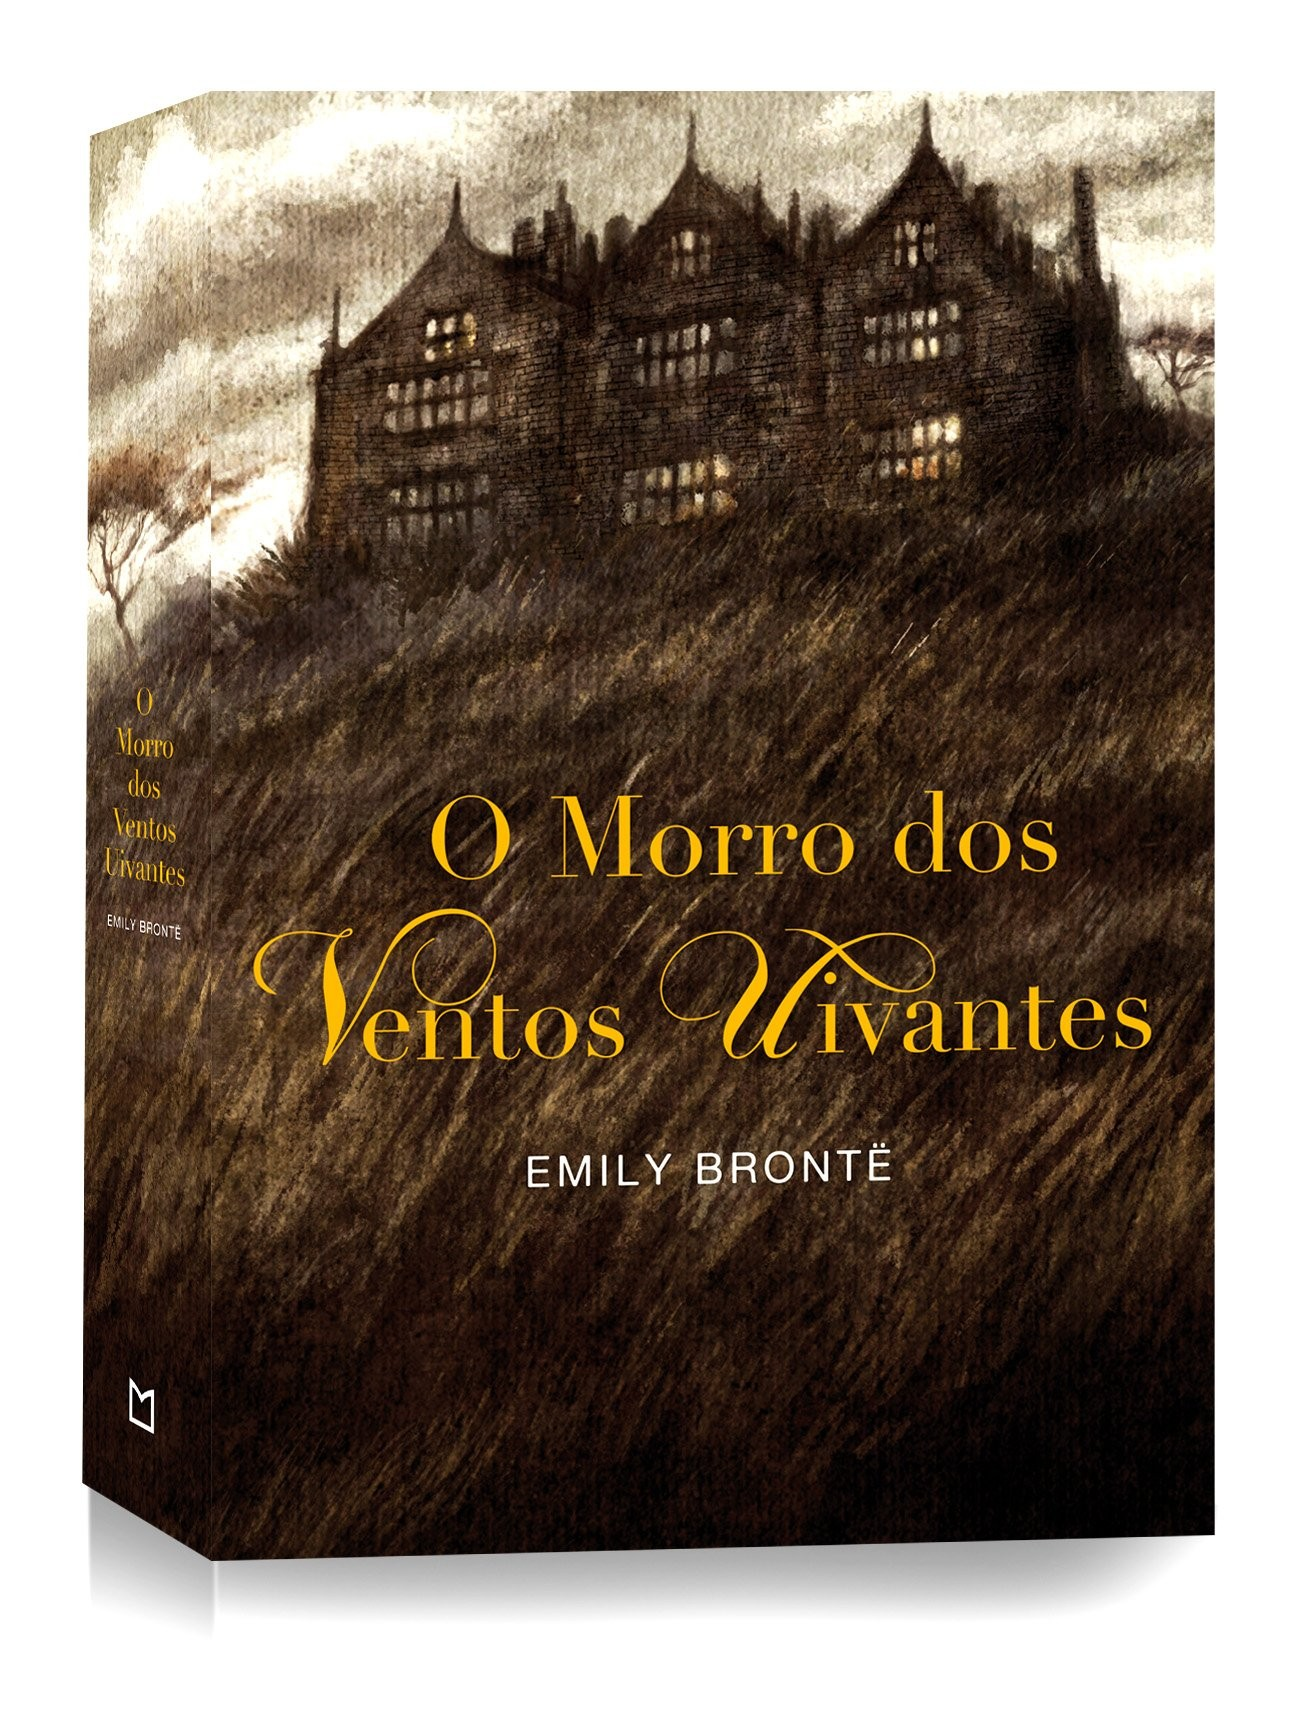 O Morro dos Ventos Uivantes: edição traz clássico da literatura mundial (Foto: Divulgação)